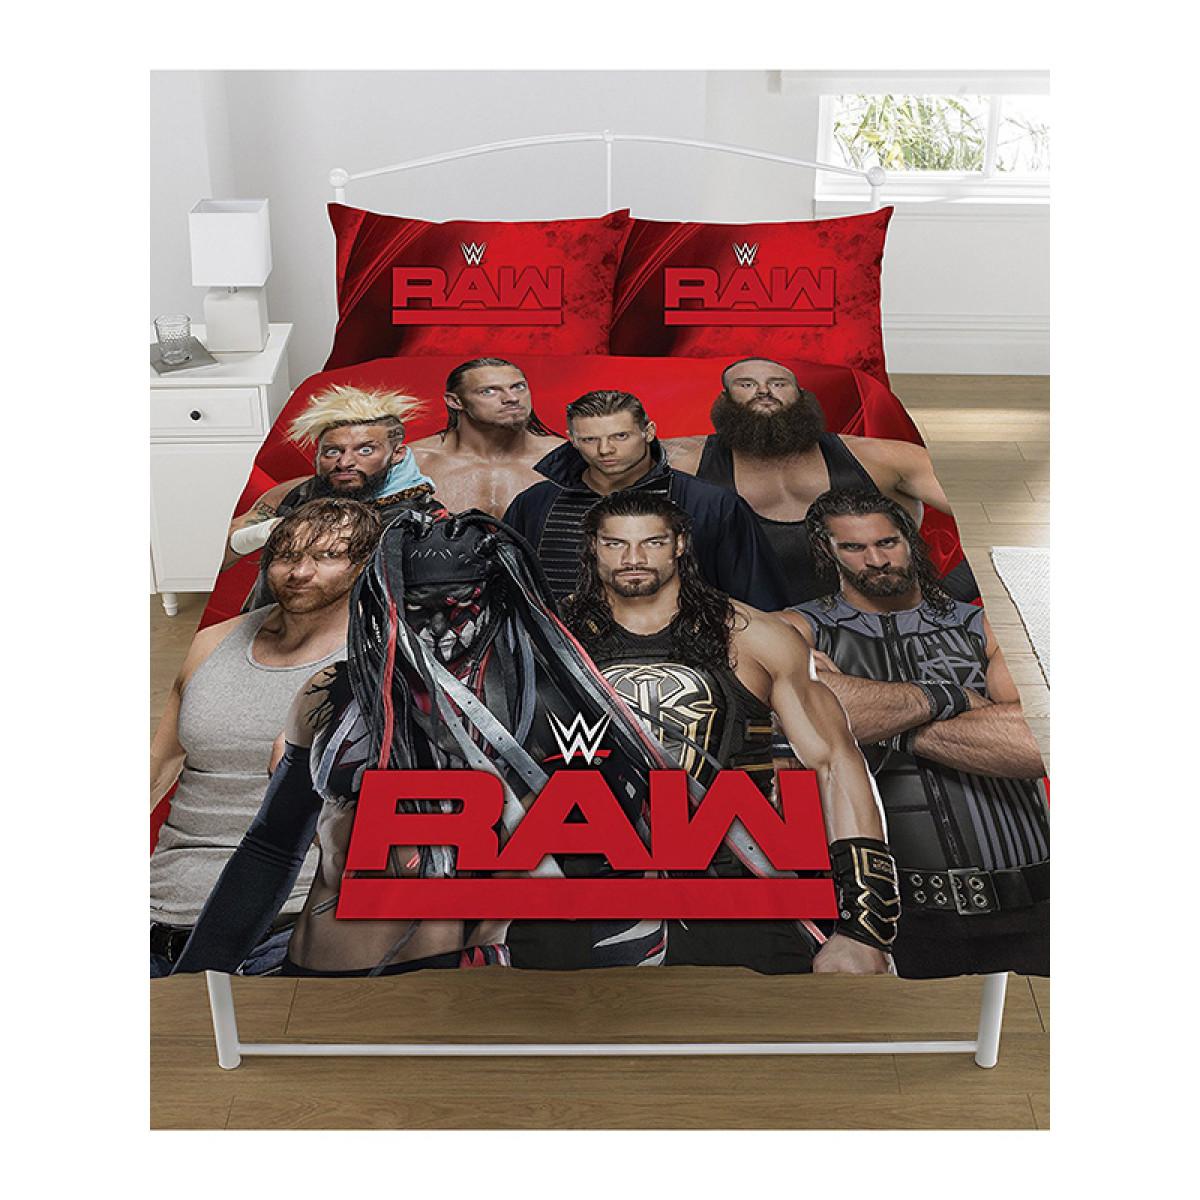 WWE Raw V Smackdown Double Duvet Cover Set